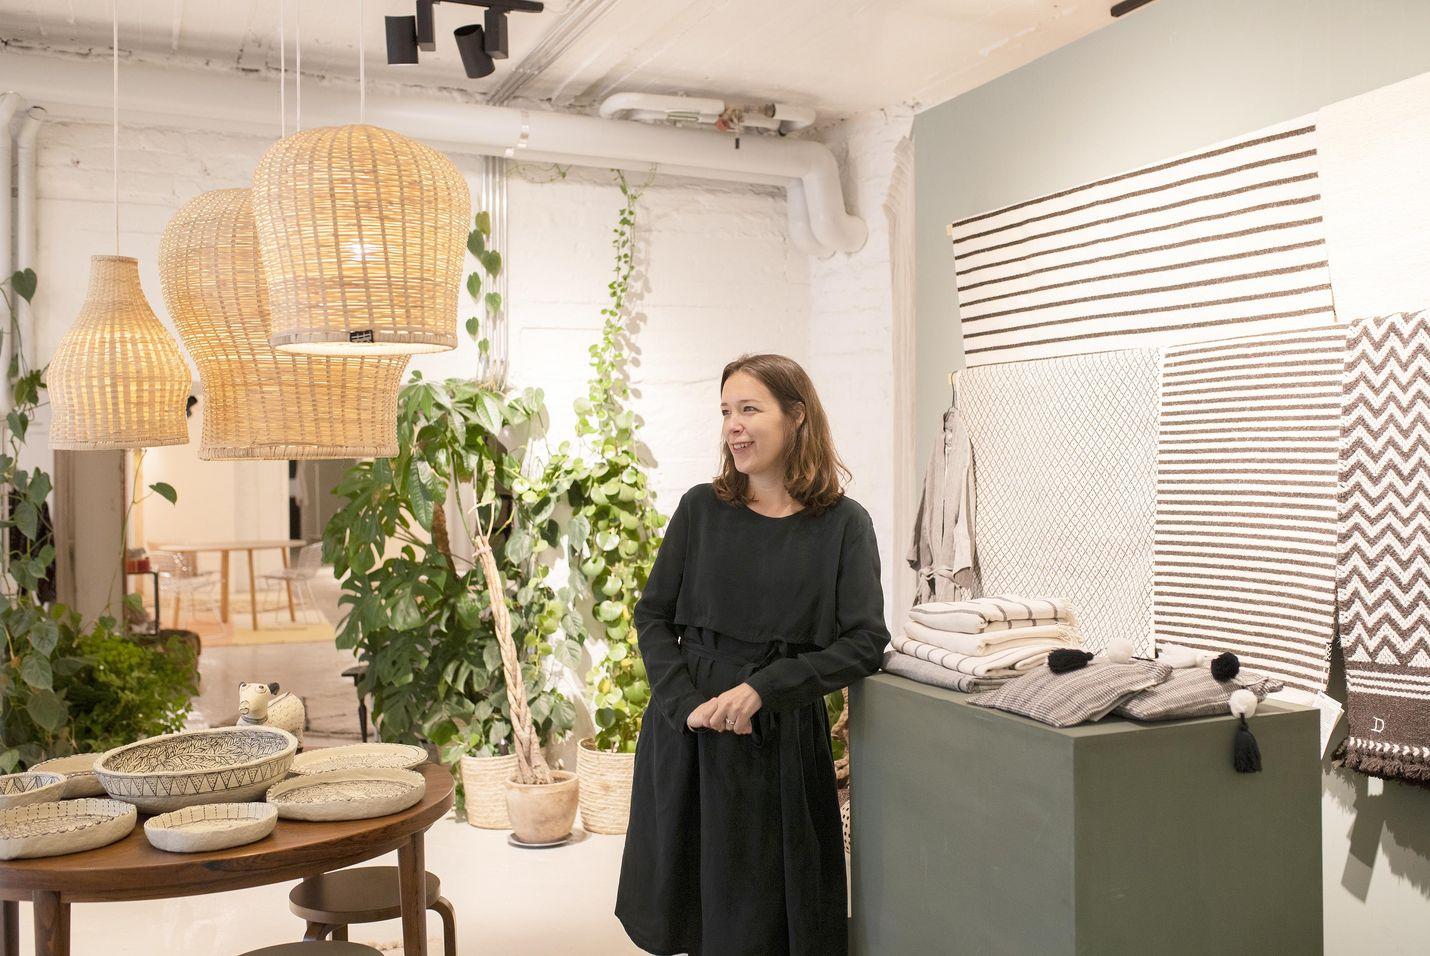 Toimitusjohtaja Taina Snellman-Langenskiöld on suunnitellut Habitaren Eettisen alueen. Omassa yrityksessään hän tuottaa muun muassa käsin tehtyjä bambuvalaisimia ja villamattoja.